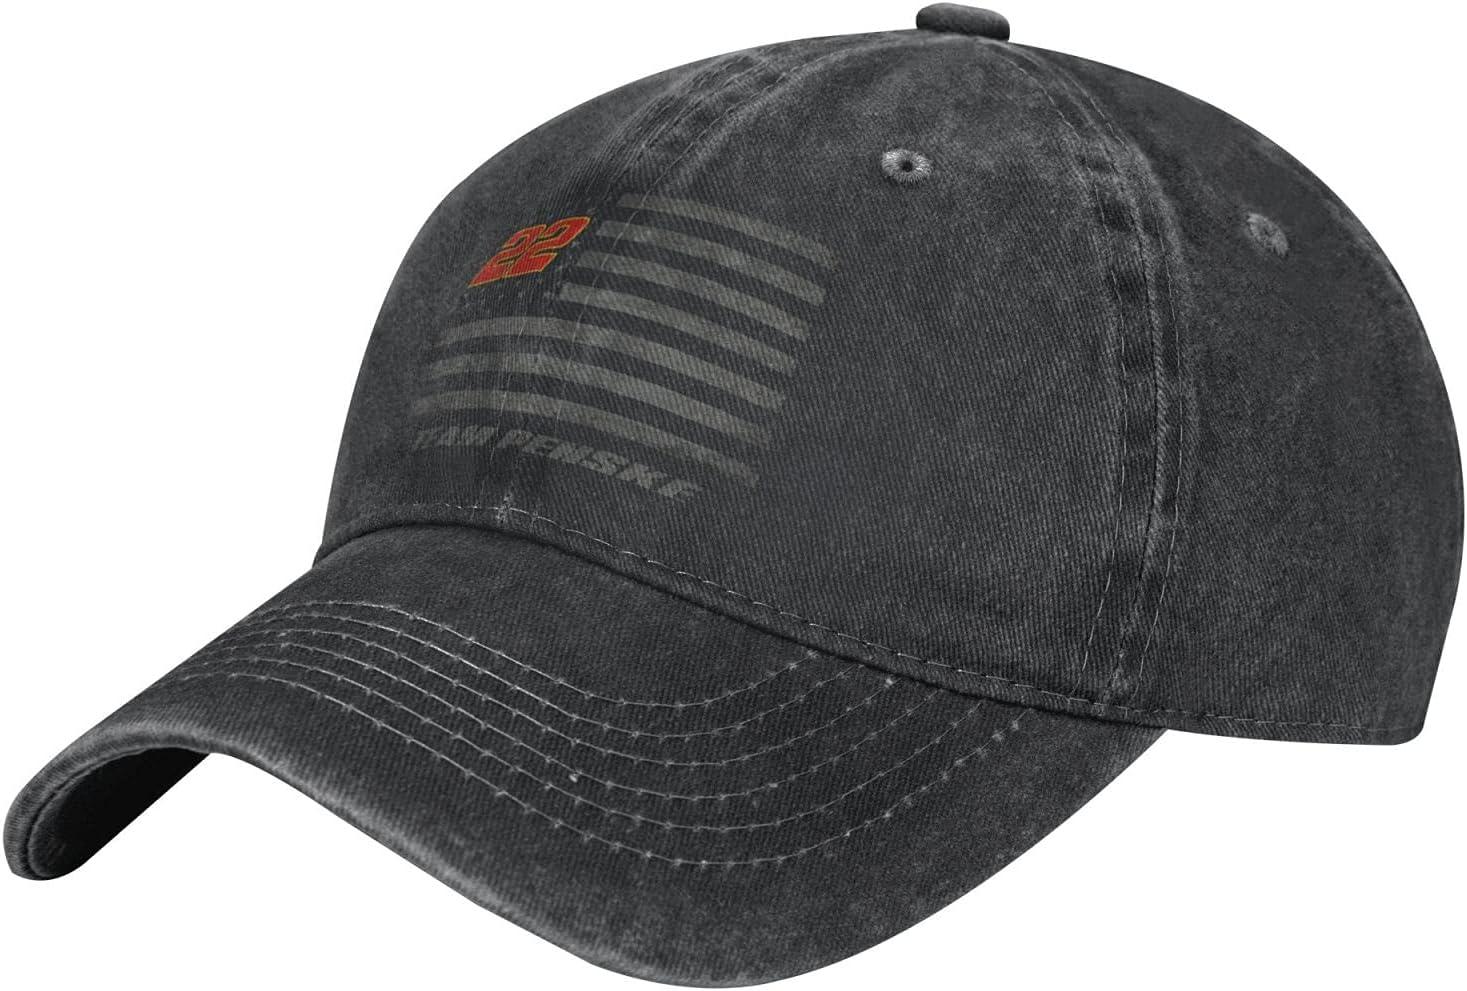 GAiNViEW Joey Logano Denim Cap Adjustable Plain Baseball Cowboy Hat Cotton Sunbonnet Plain Hat Black